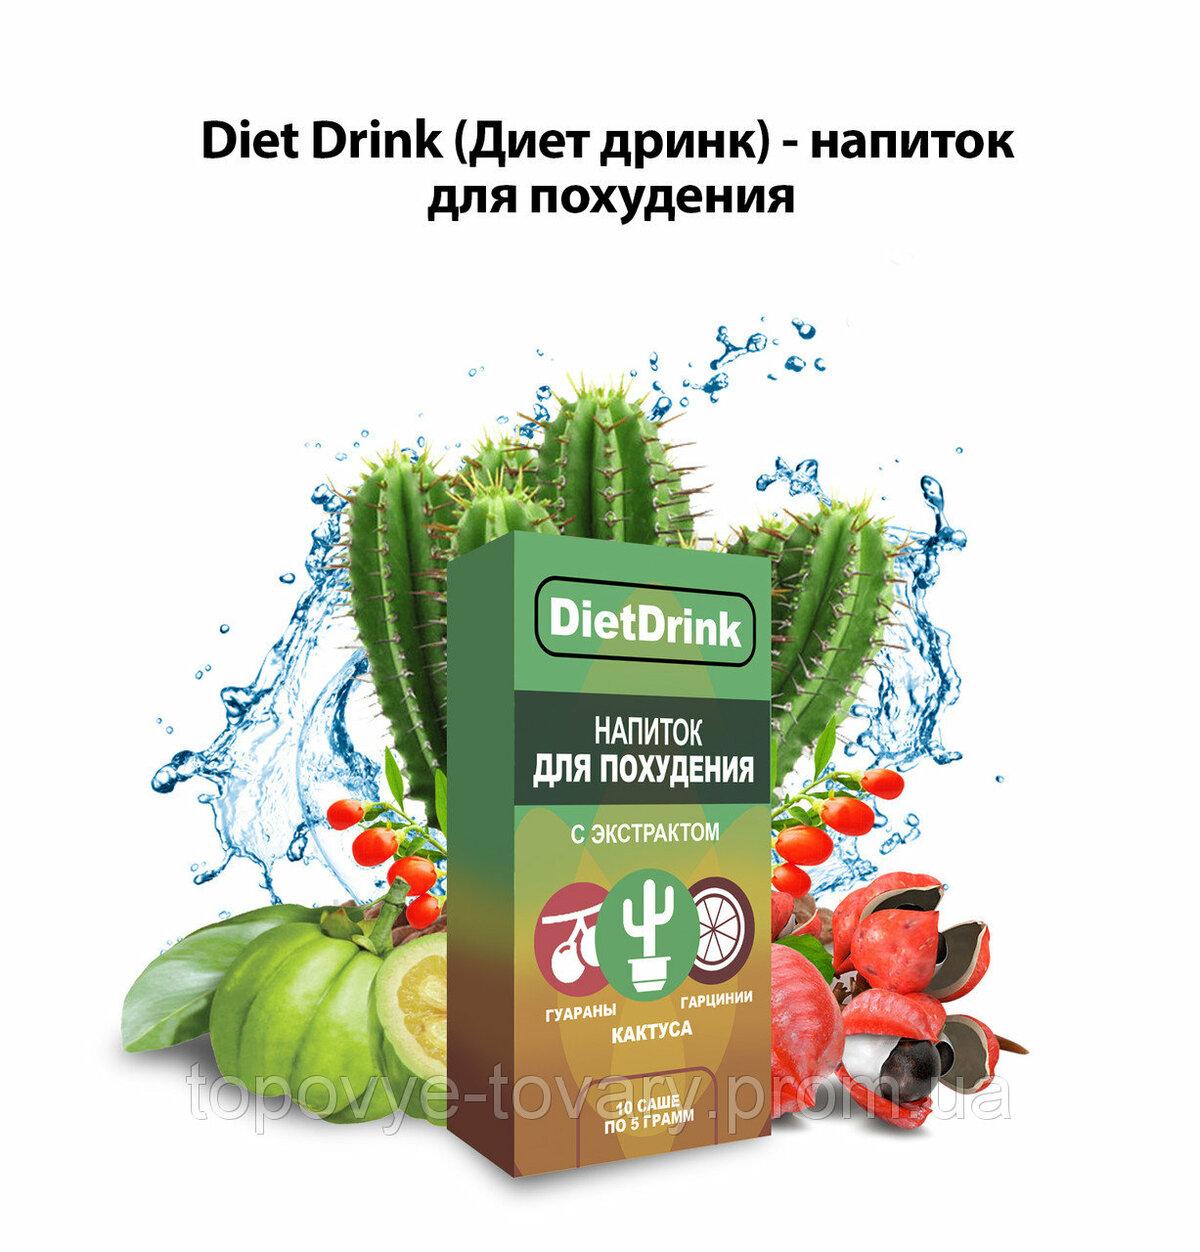 DietDrink напиток для похудения в Березниках